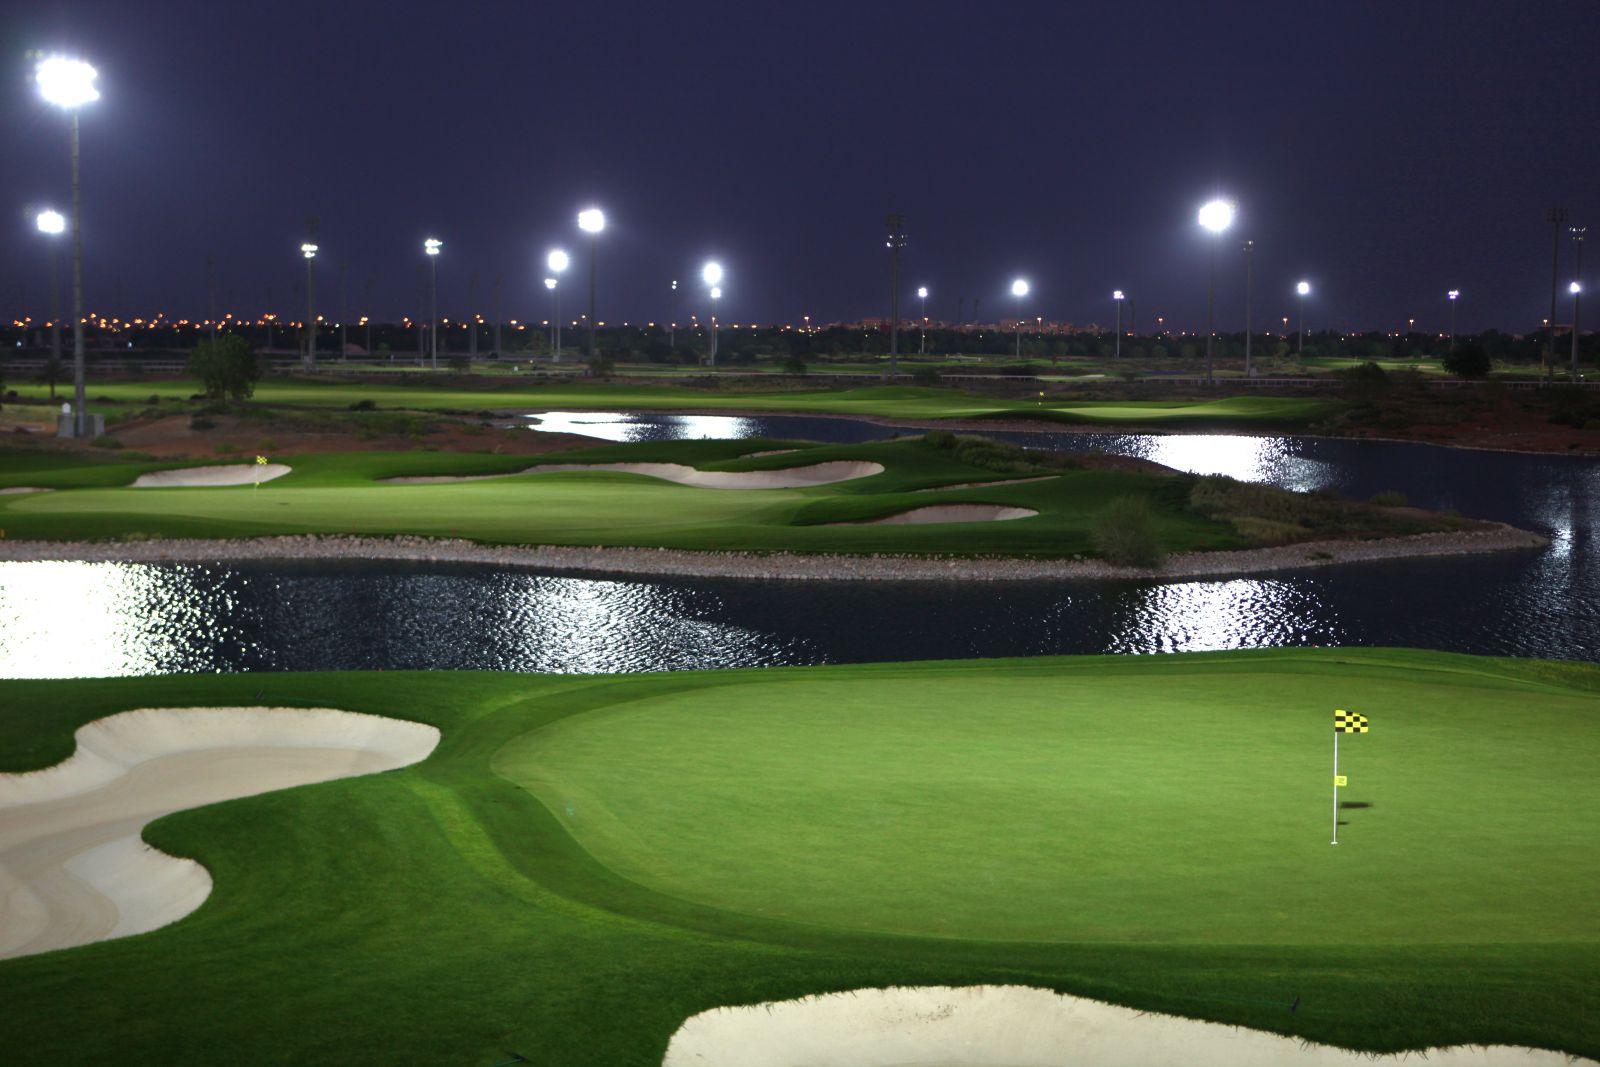 Dubaj – unikátní zážitek z nočního golfu